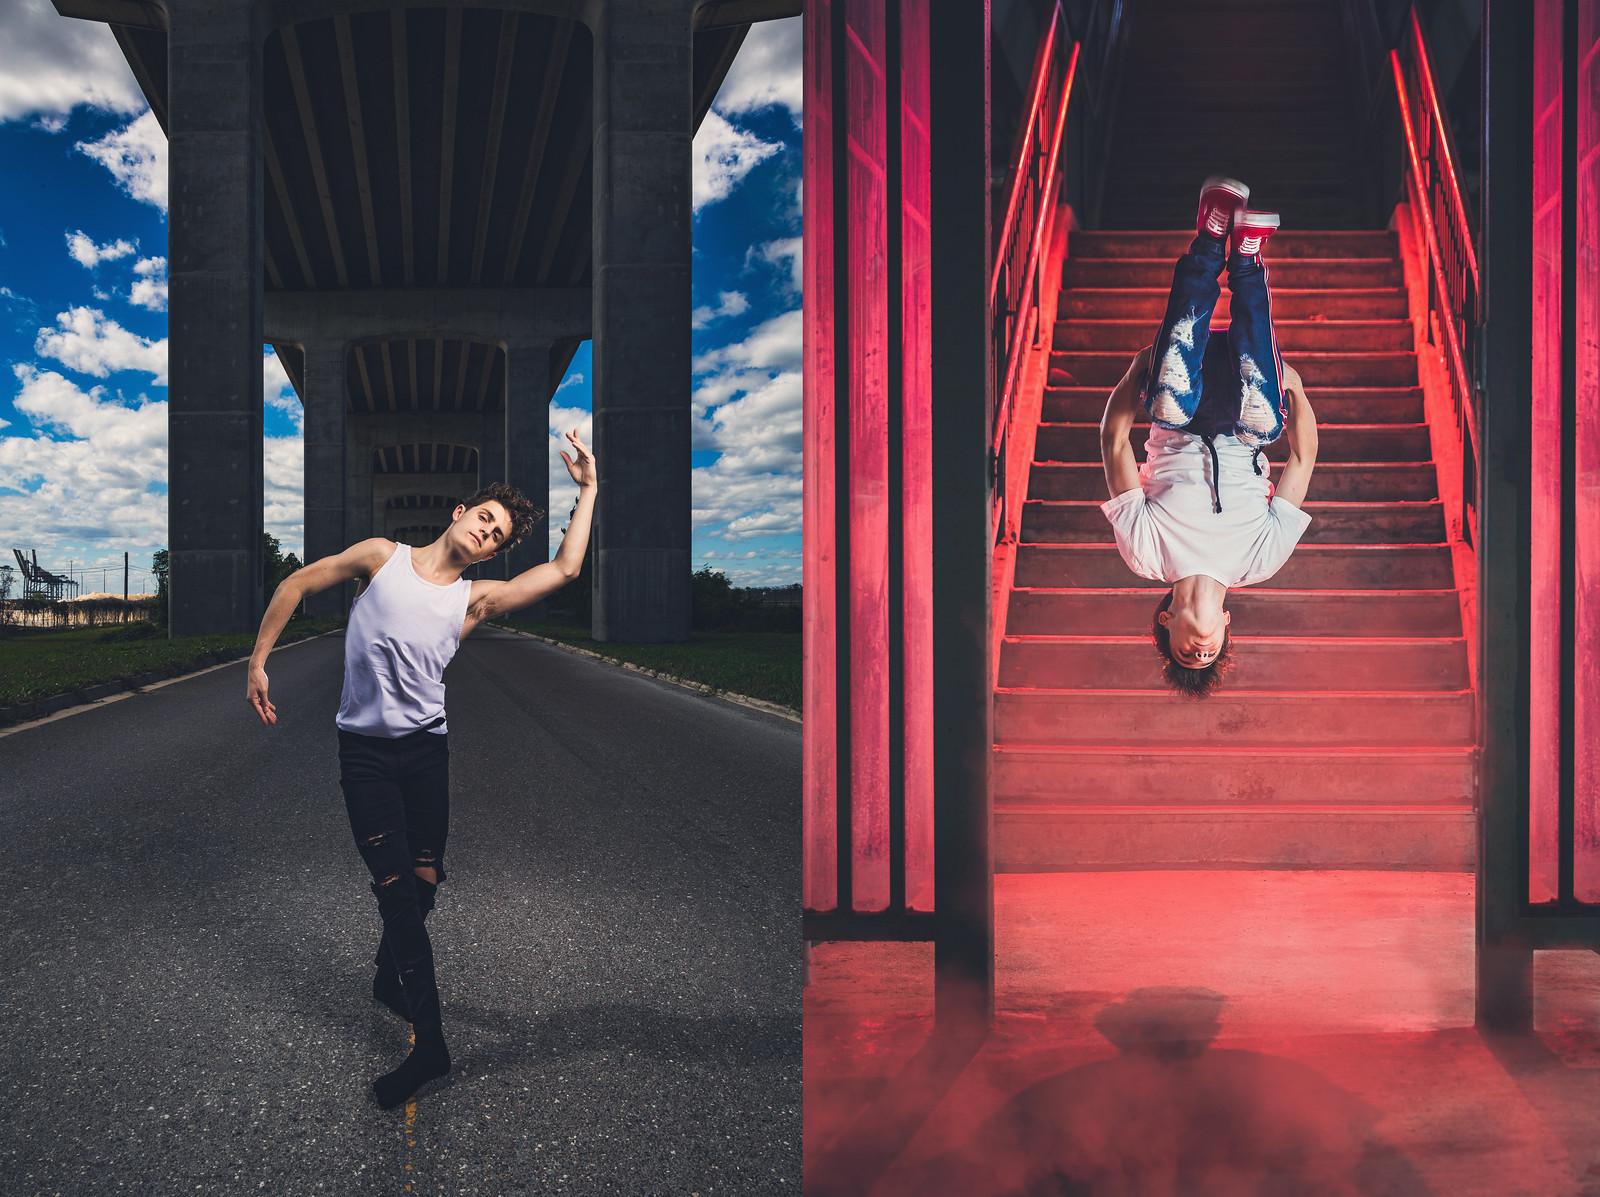 adam-szarmack-jacksonville-dance-photography-10.jpg